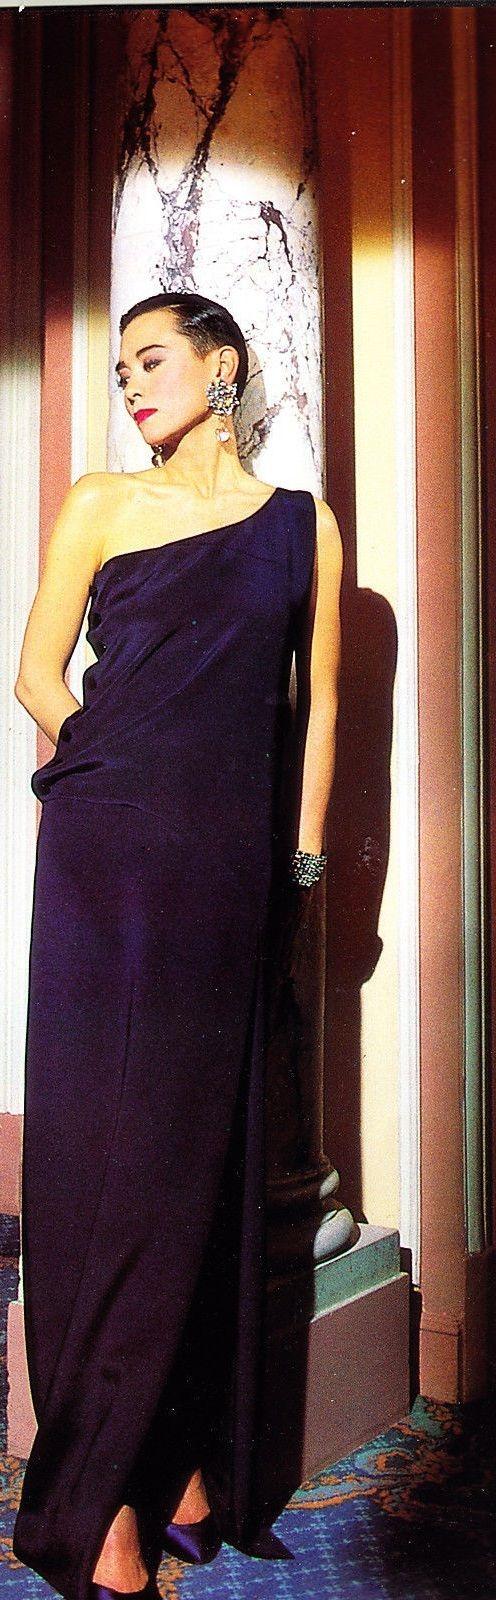 best a la grecque images on pinterest the greeks fashion